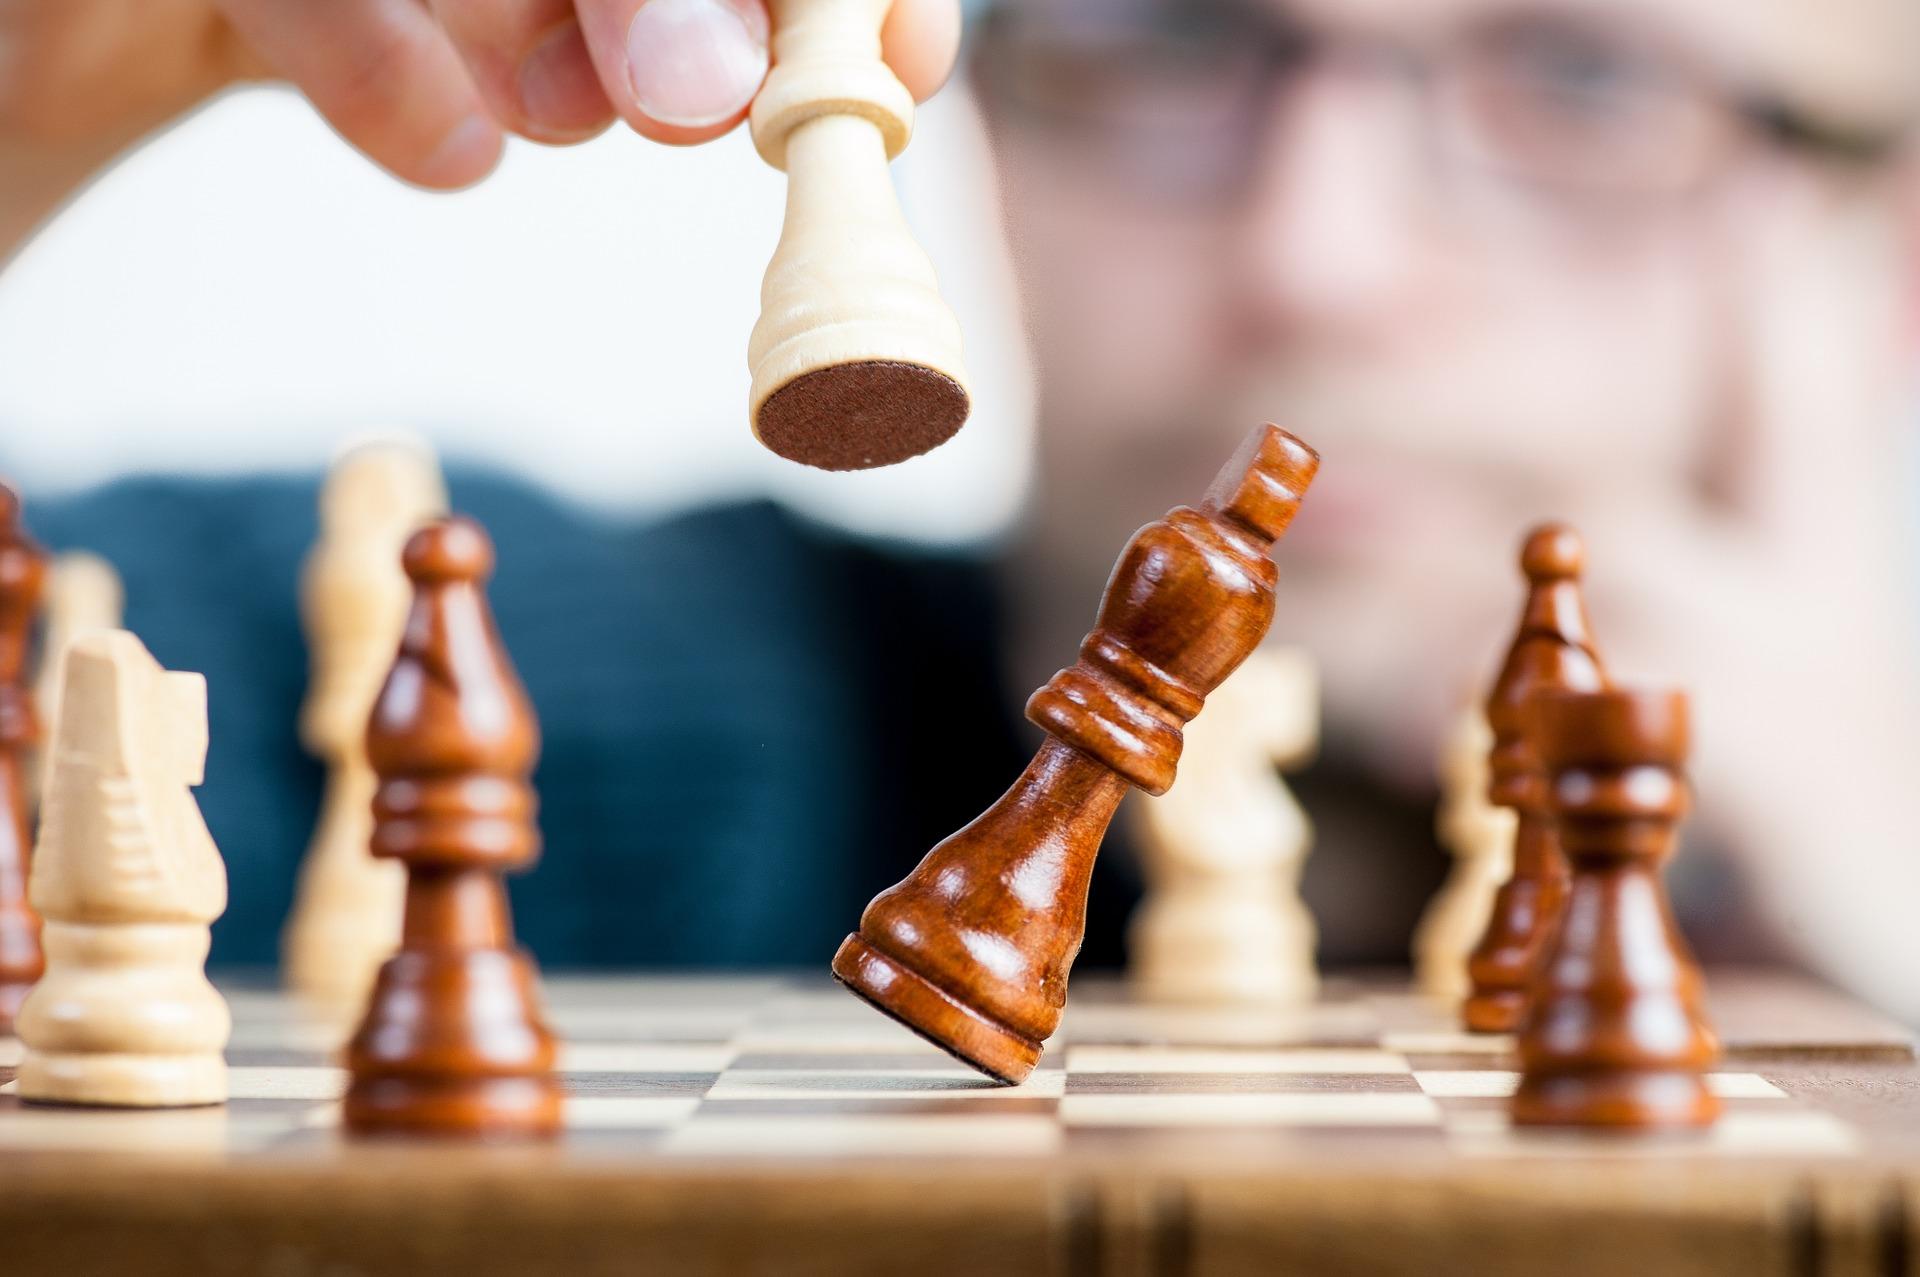 Sieg beim Schach